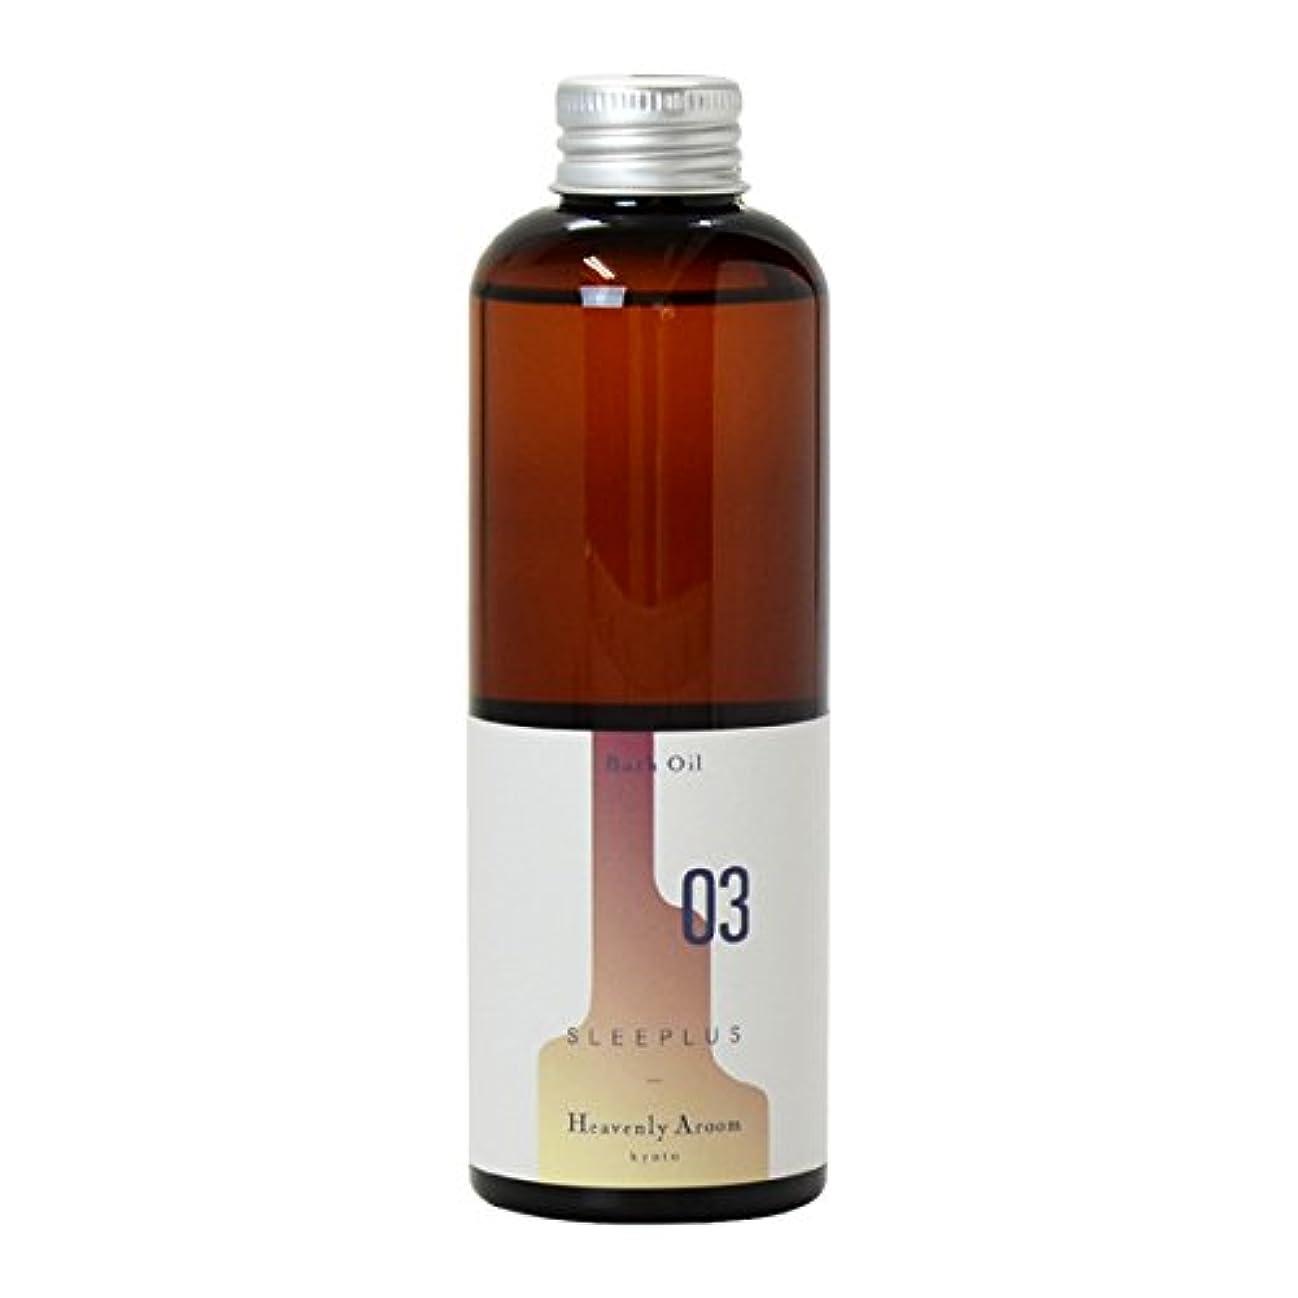 クリエイティブ目指す実用的Heavenly Aroom バスオイル SLEEPLUS 03 ラベンダーサンダルウッド 200ml